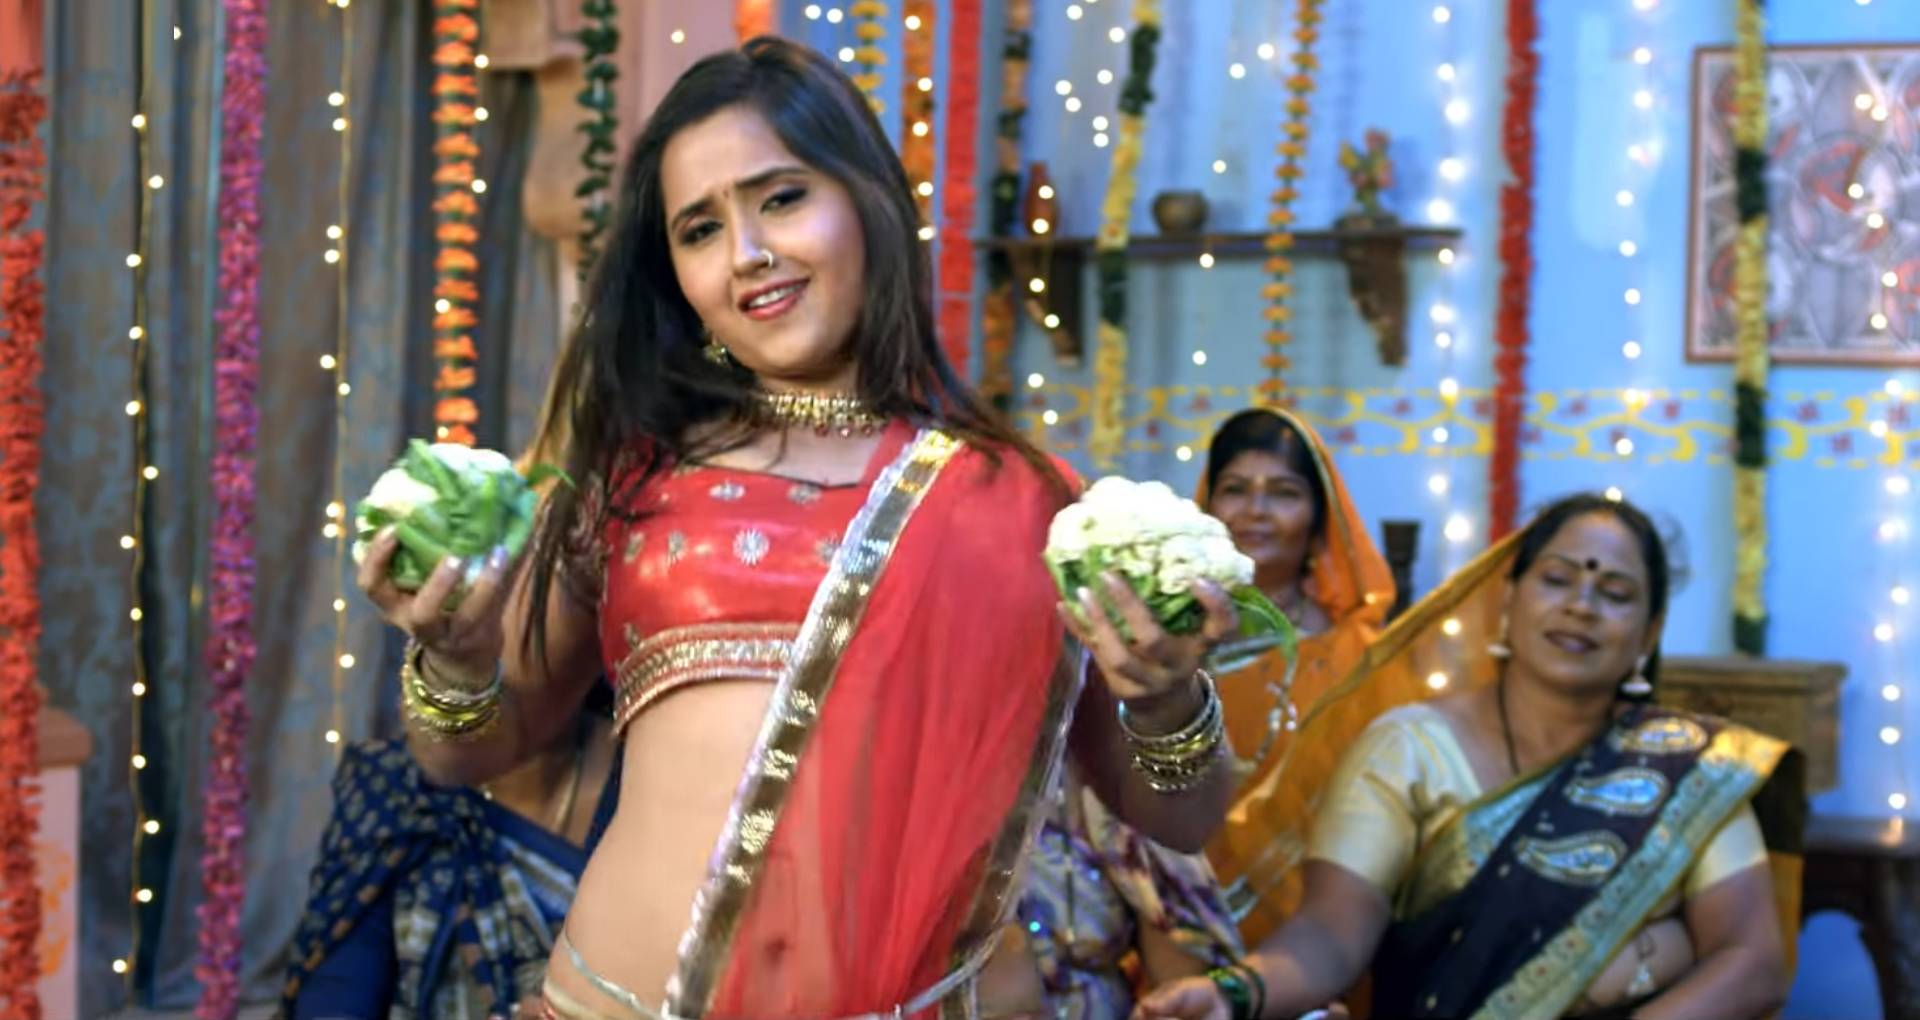 Singardani Chhoti Hay Daiya Daiya Song: काजल राघवानी के डांस ने मचाया धमाल, देखिए उनकी अदाओं से भरा ये वीडियो